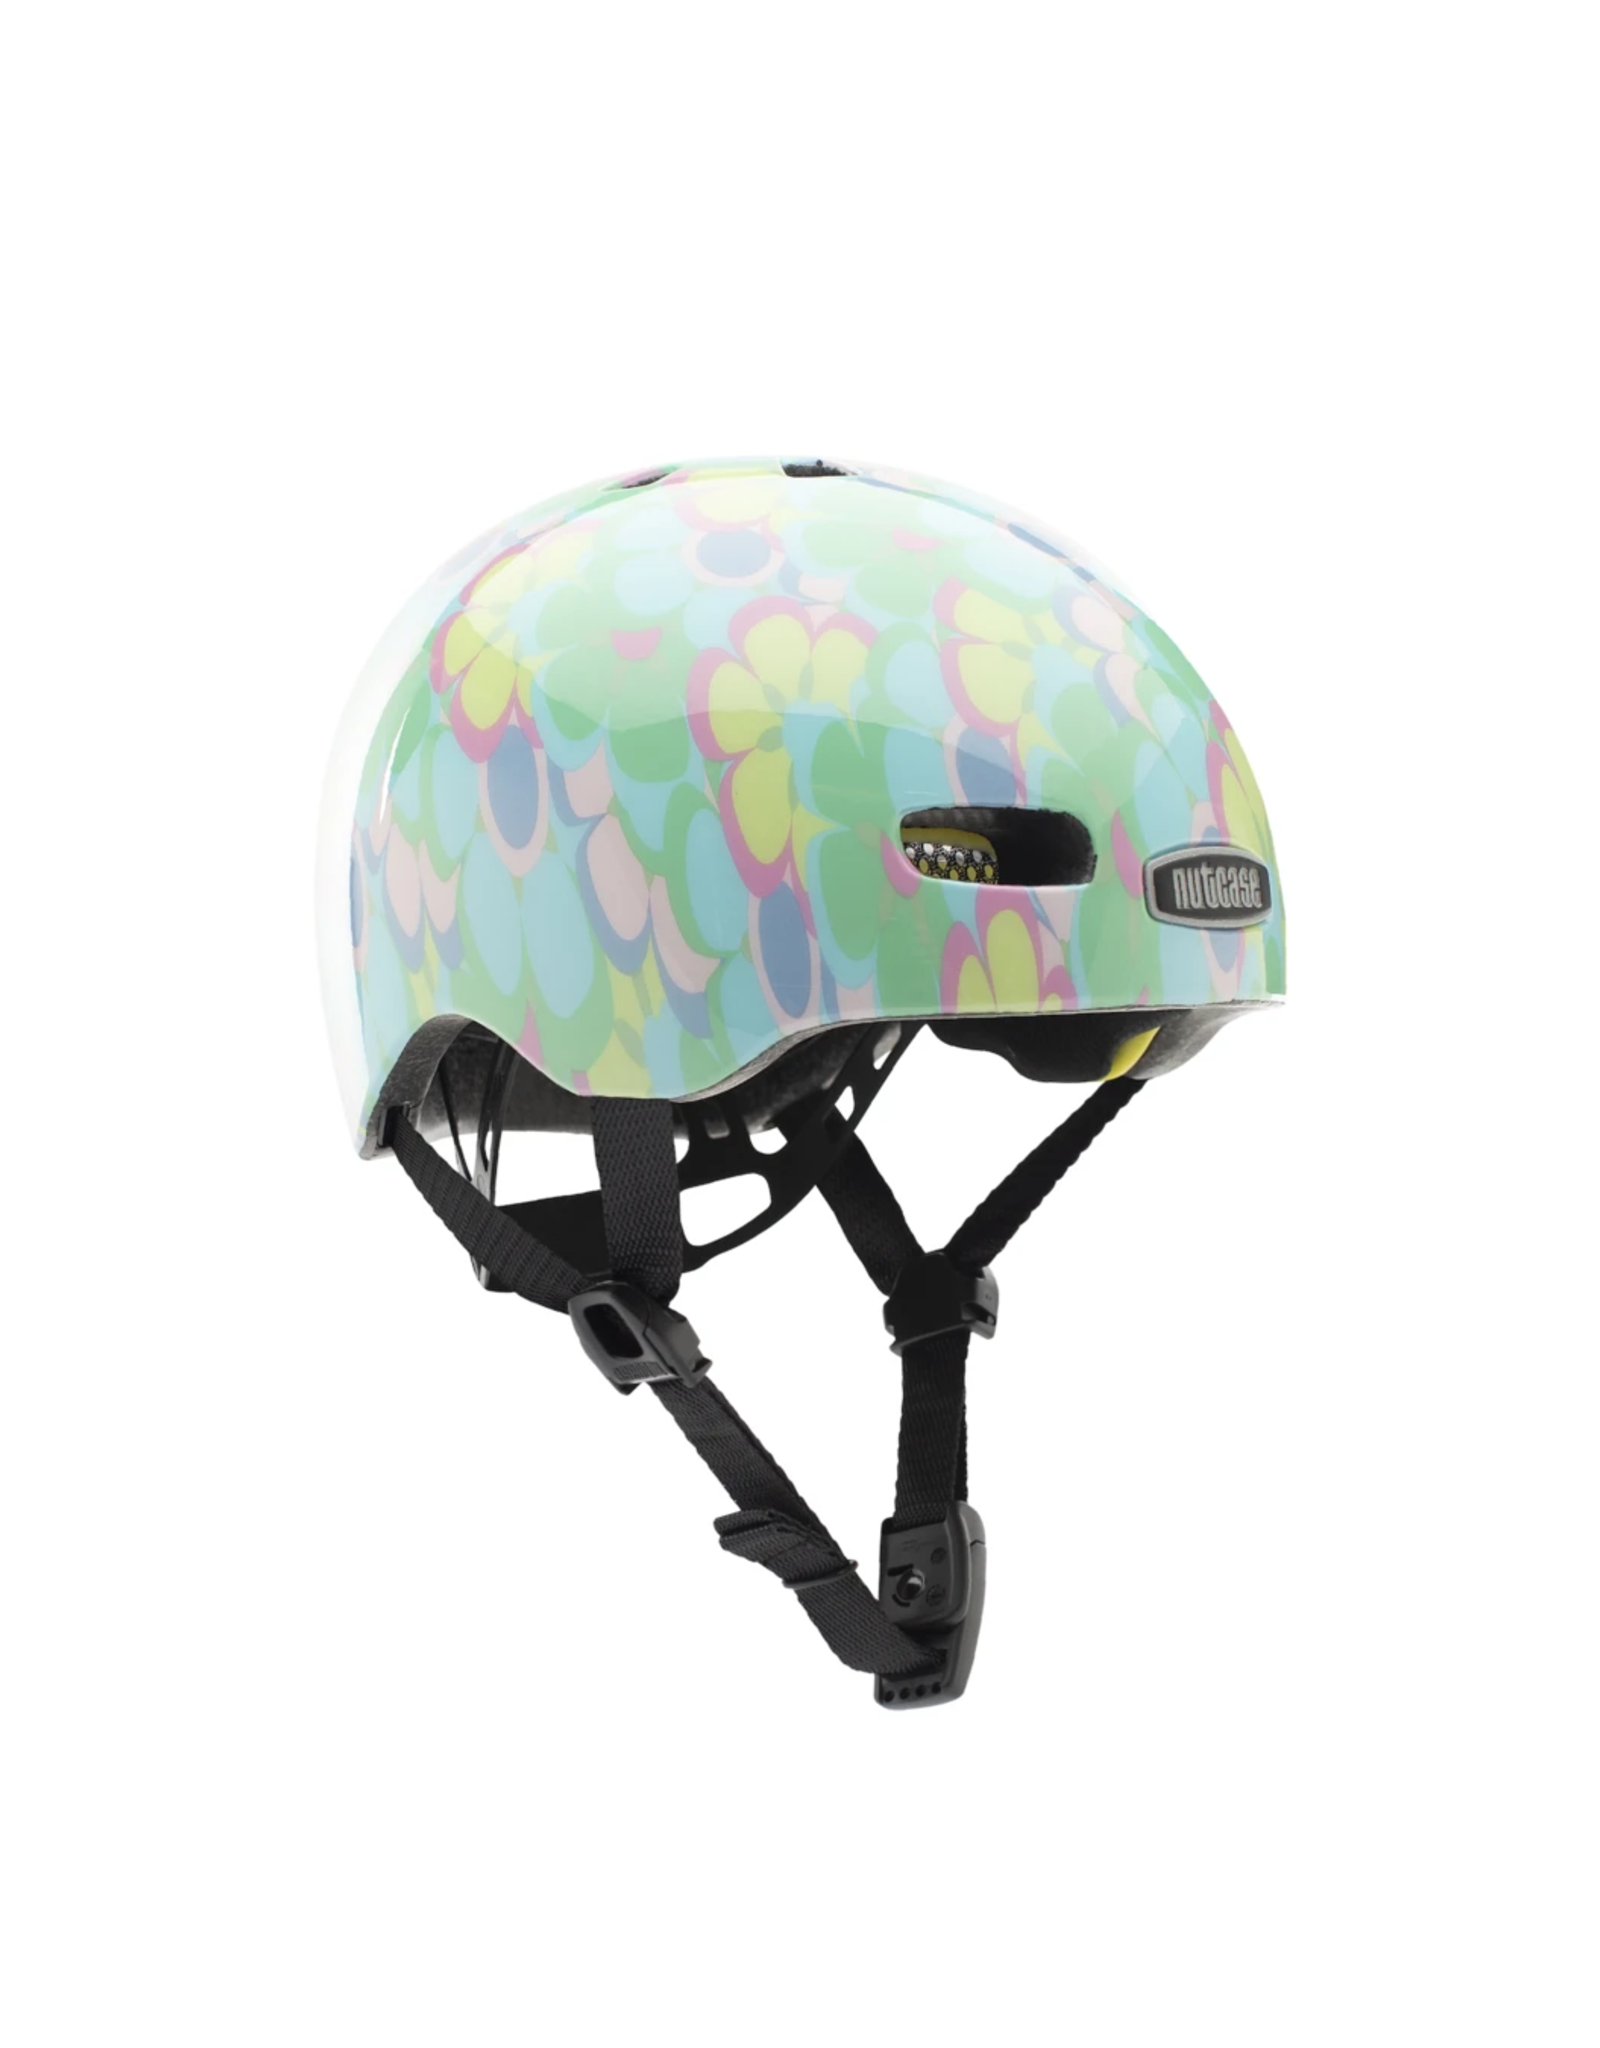 Nutcase Helmet - Nutcase Baby Nutty MIPS Petal to Metal XXS